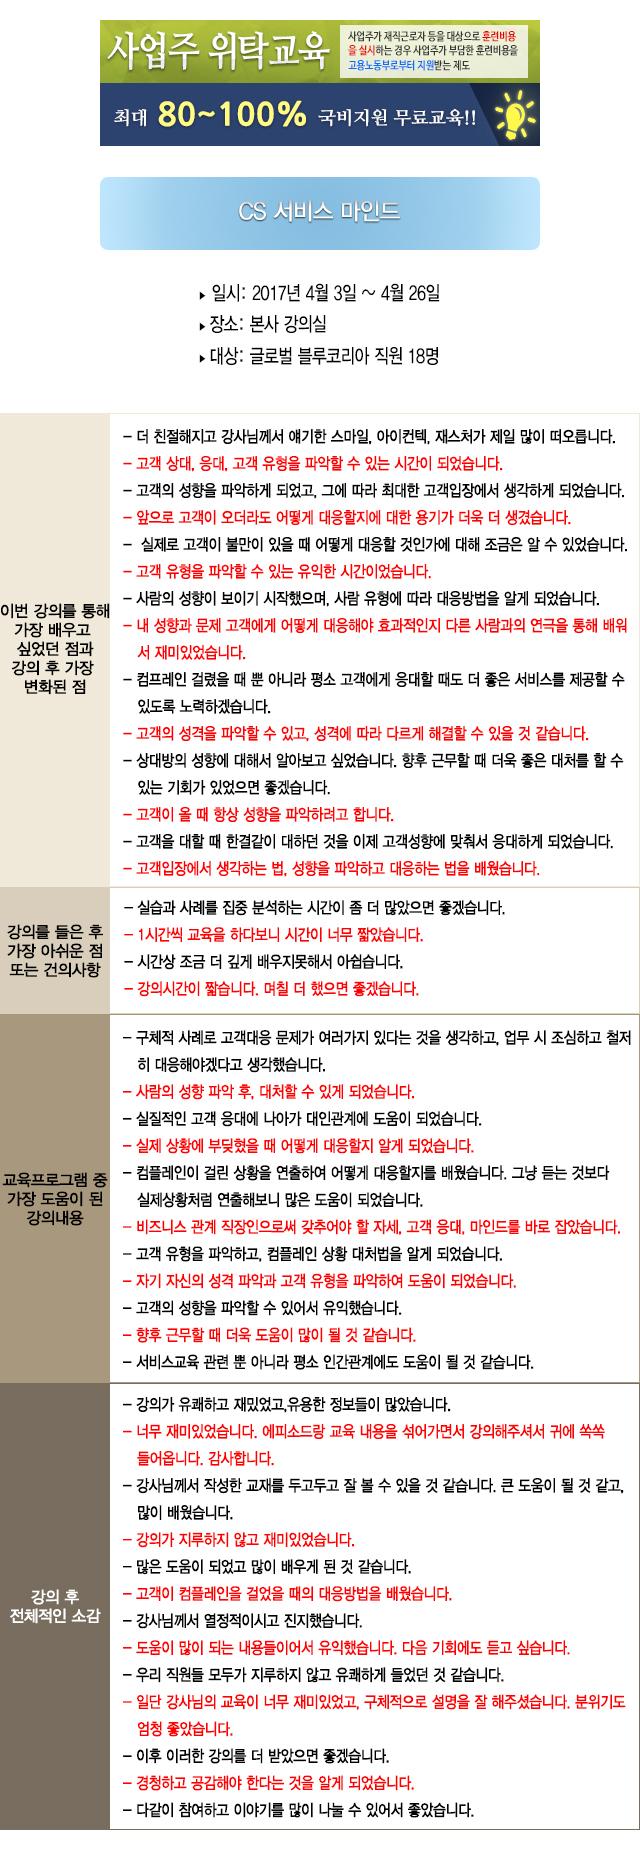 한국중앙인재개발원 후기 글로벌블루코리아.jpg